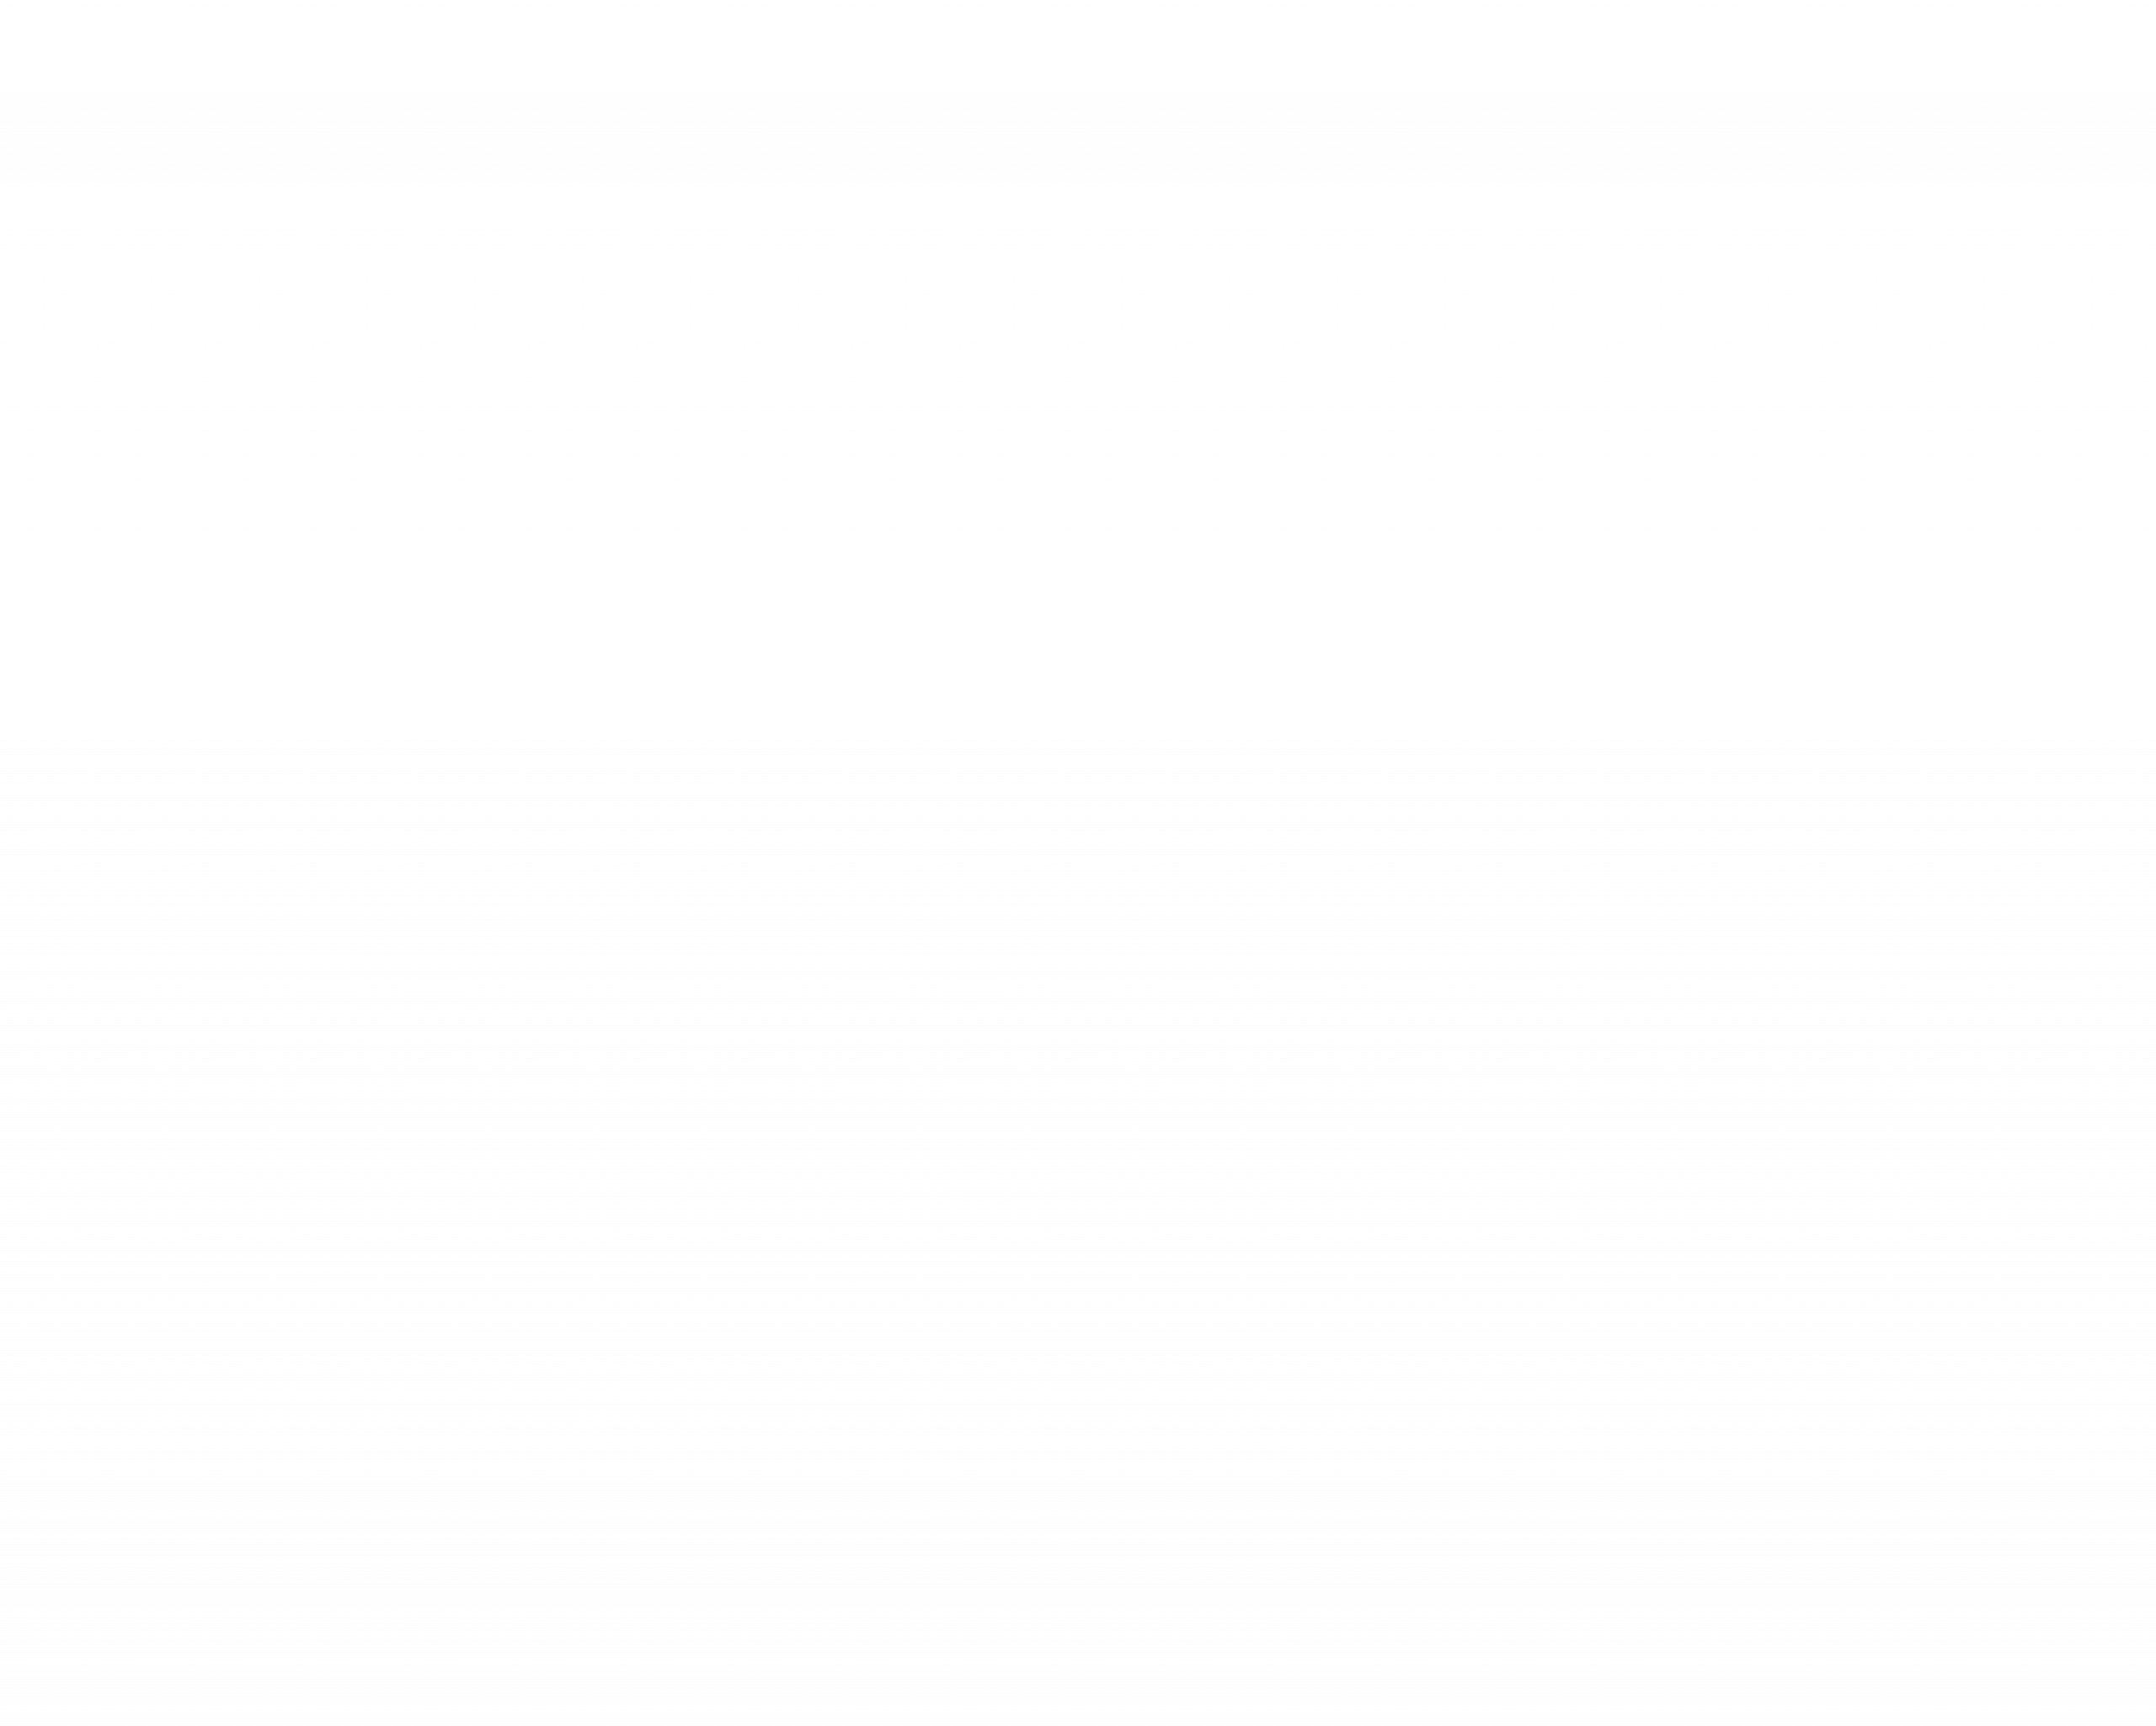 Πλατφόρμα Μαύρη Υφασμάτινη